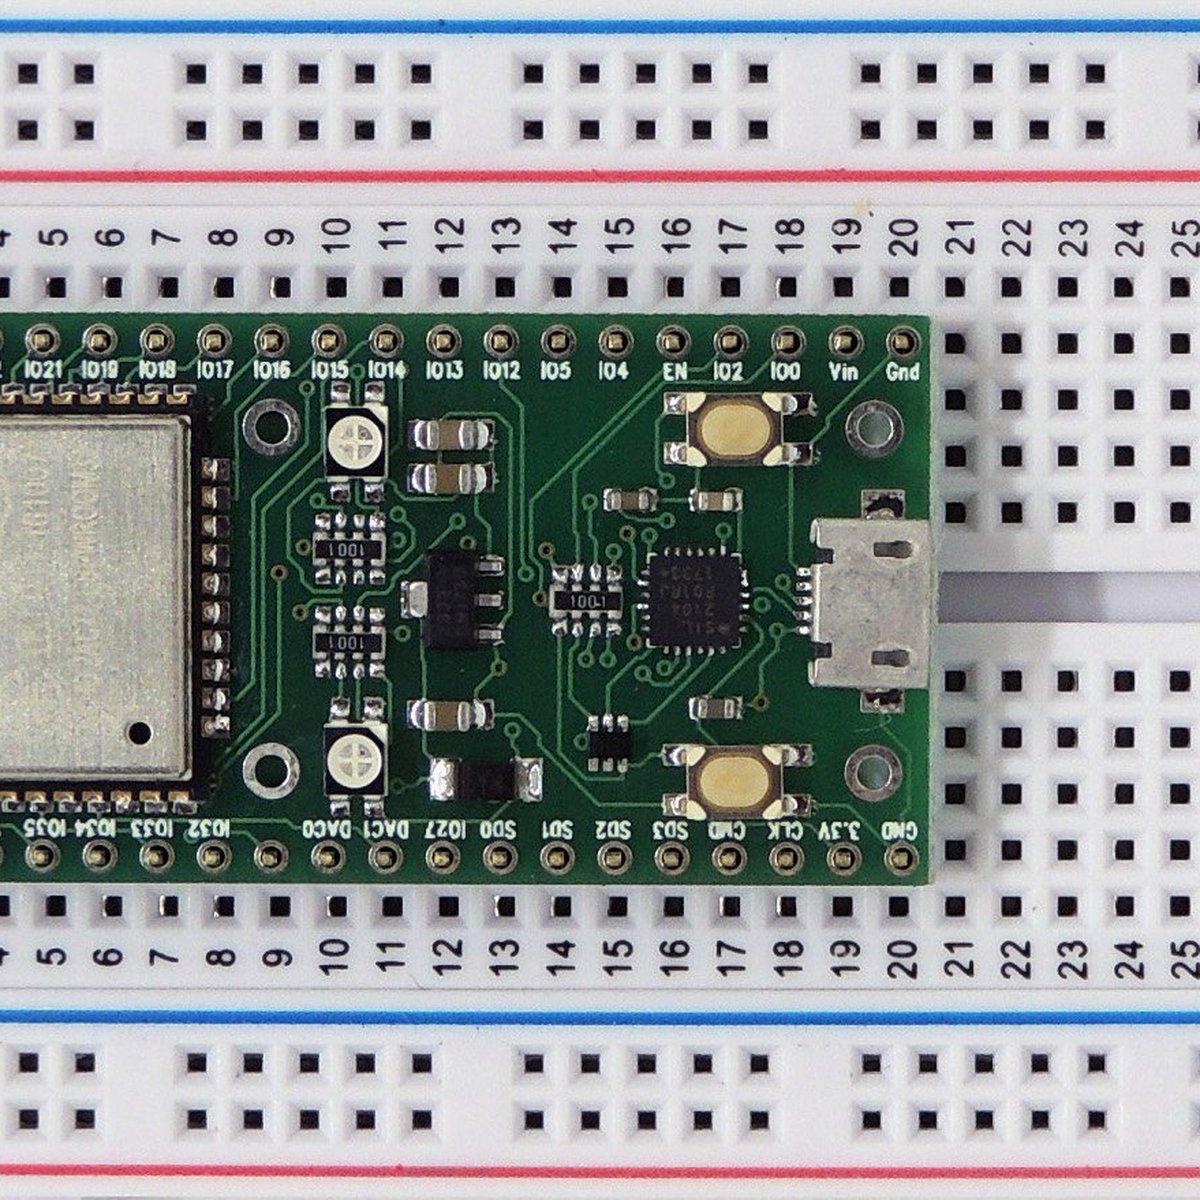 ESP32 Dev Board WiFi+Bluetooth from EzSBC on Tindie